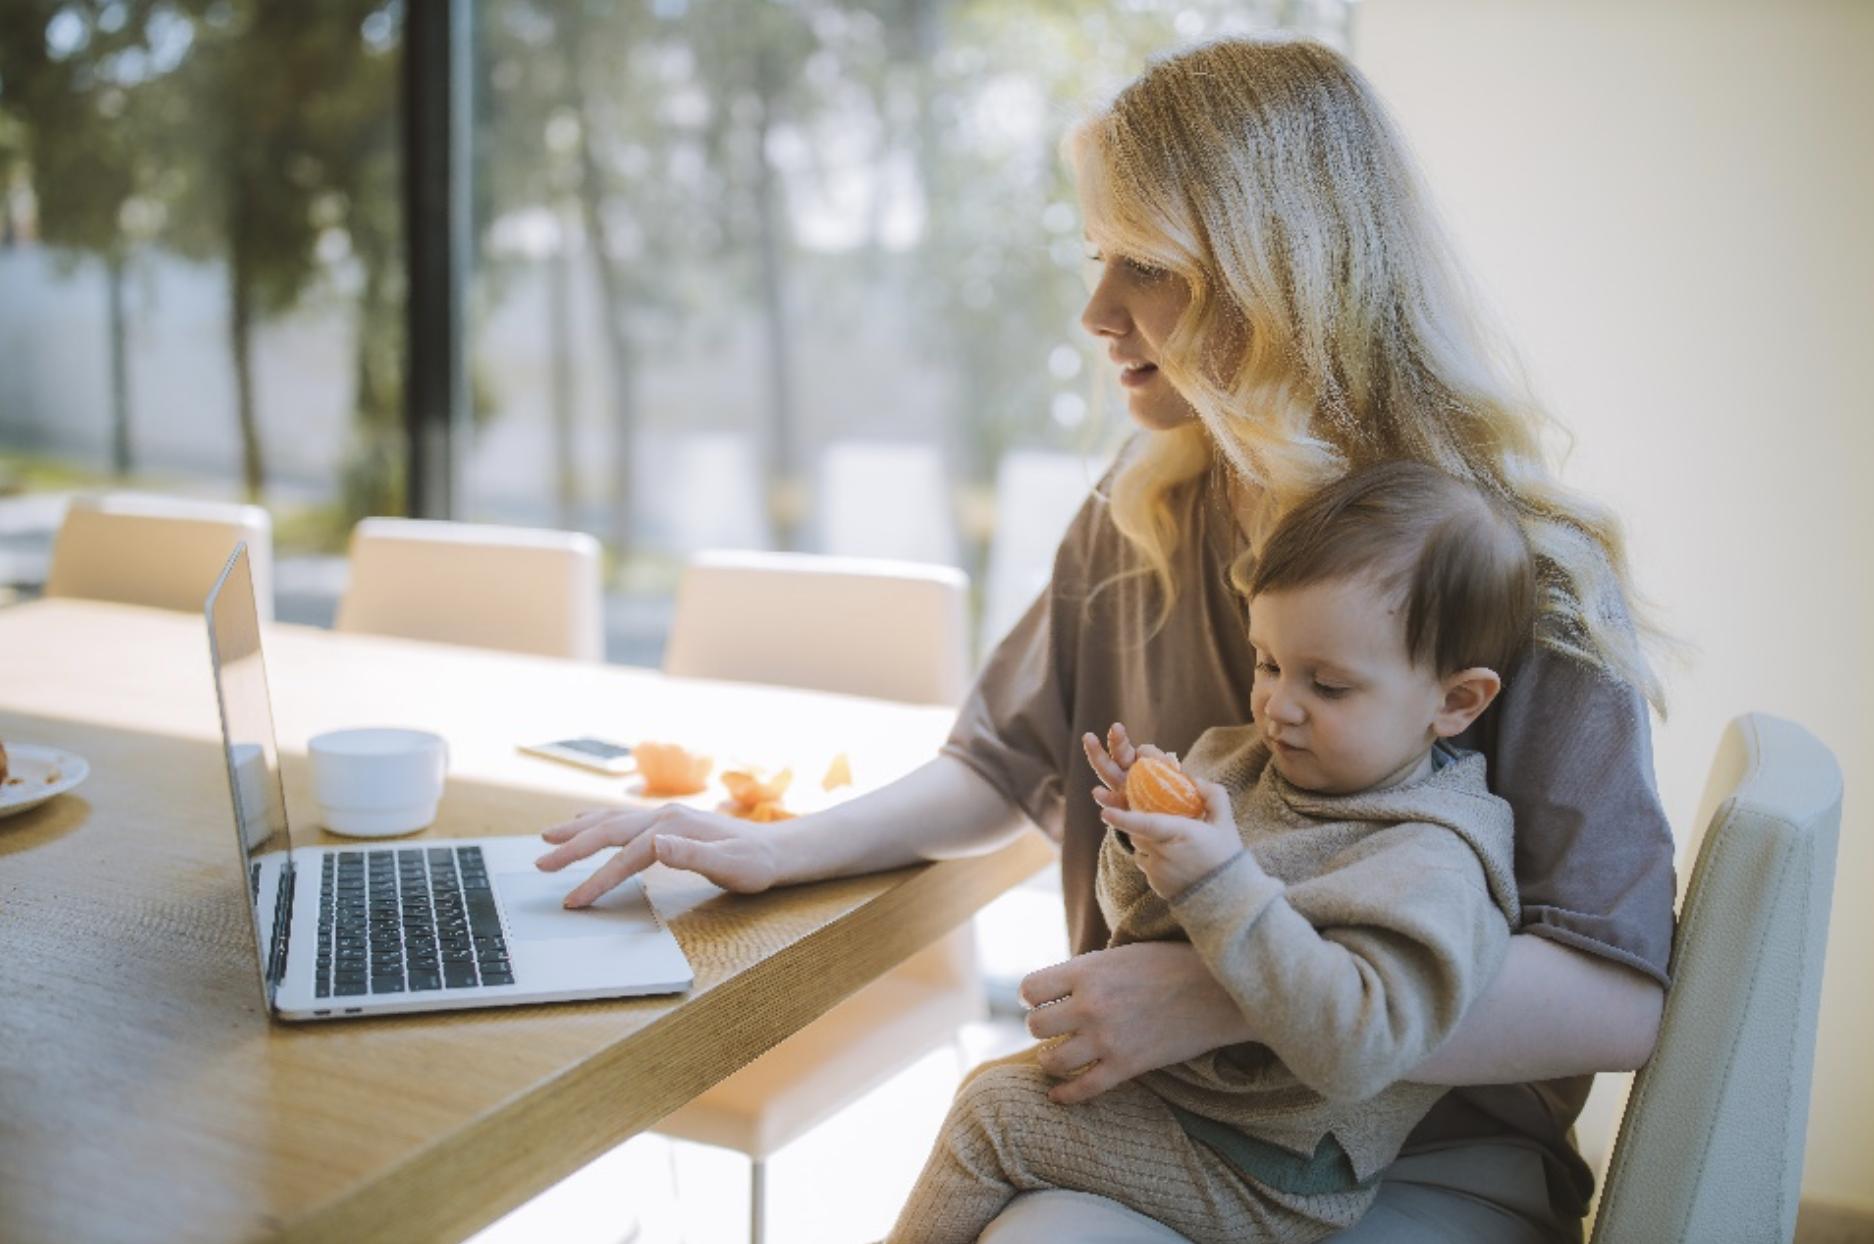 The DEN: Impact of motherhood on women's careers